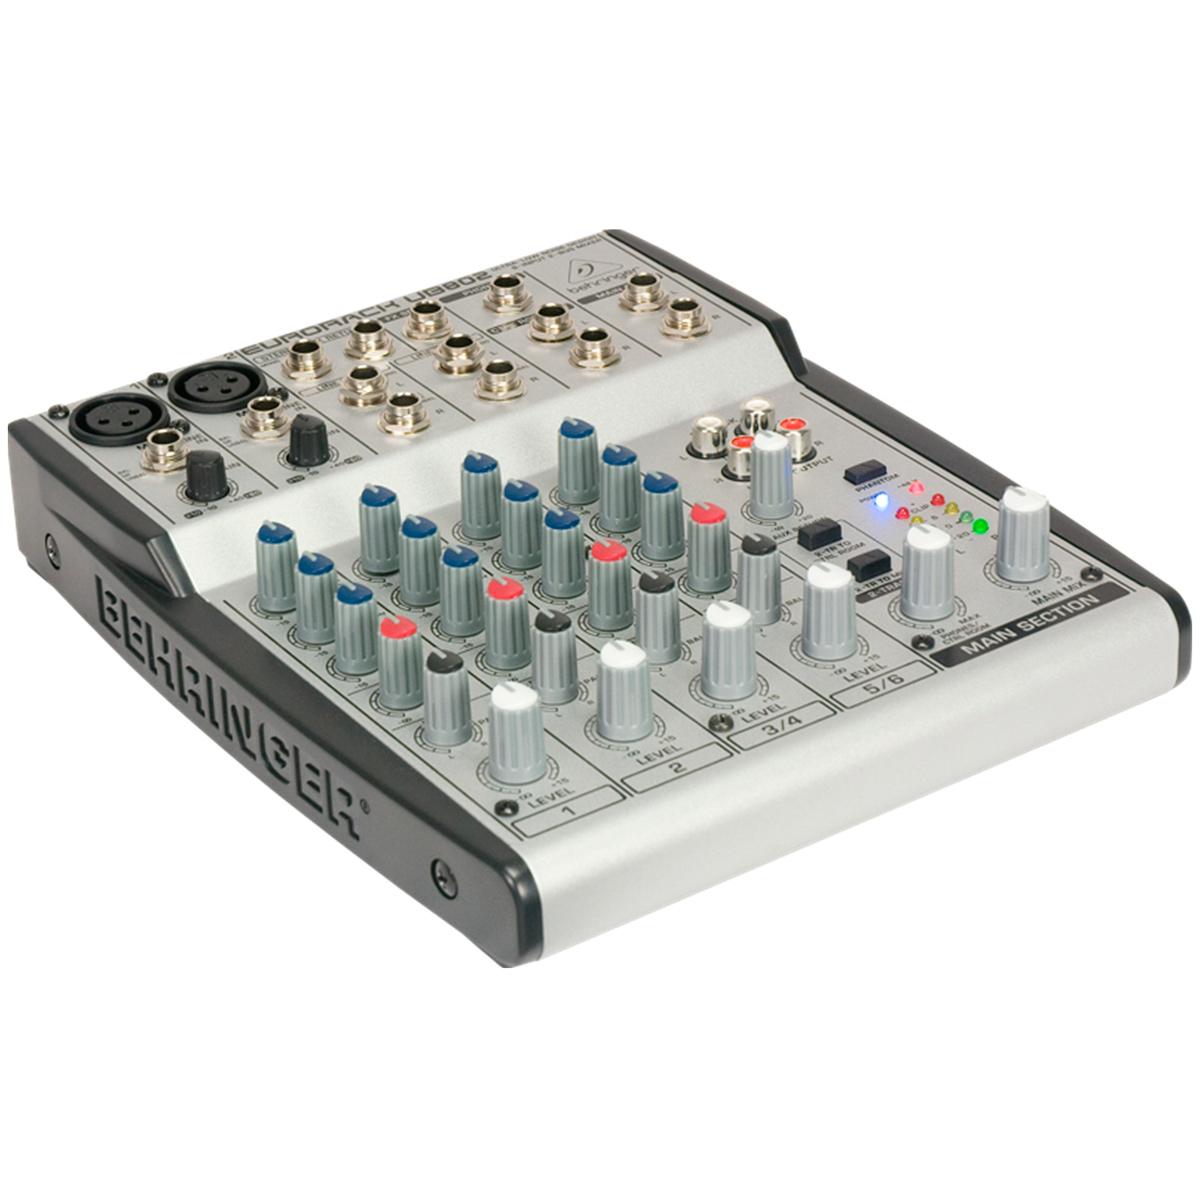 UB802 - Mesa de Som / Mixer 8 Canais Eurorack UB 802 - Behringer